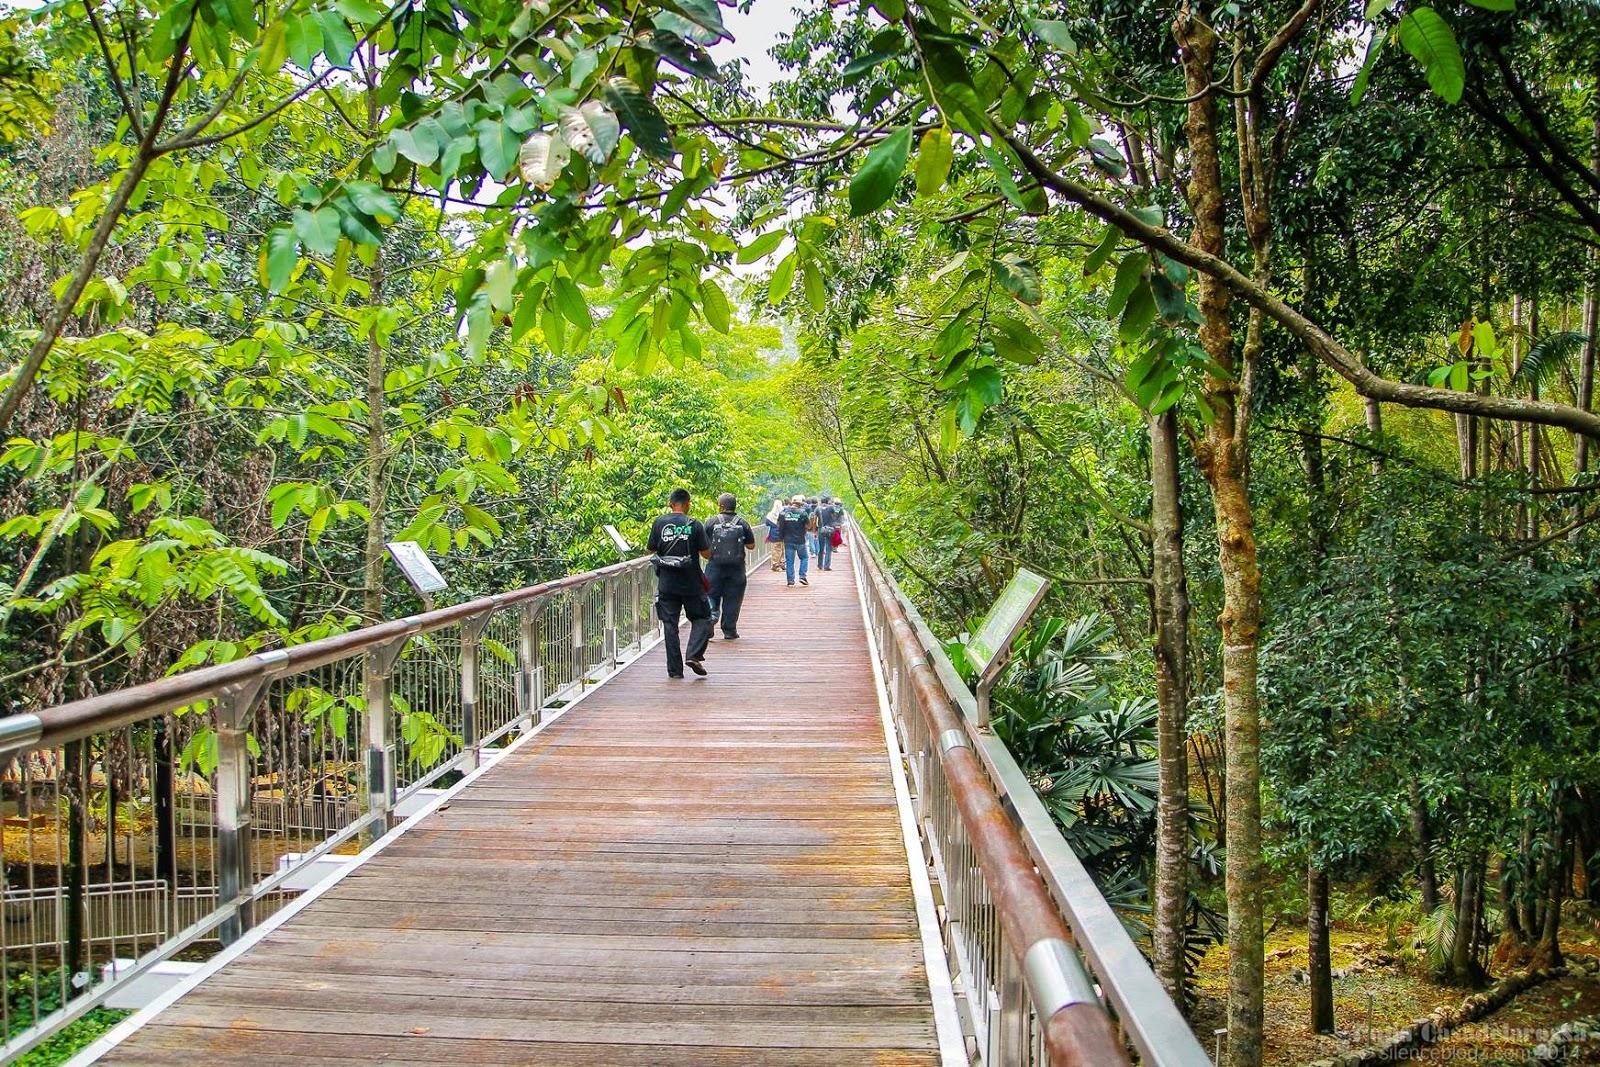 A pathway at Putrajaya Botanical Gardens.